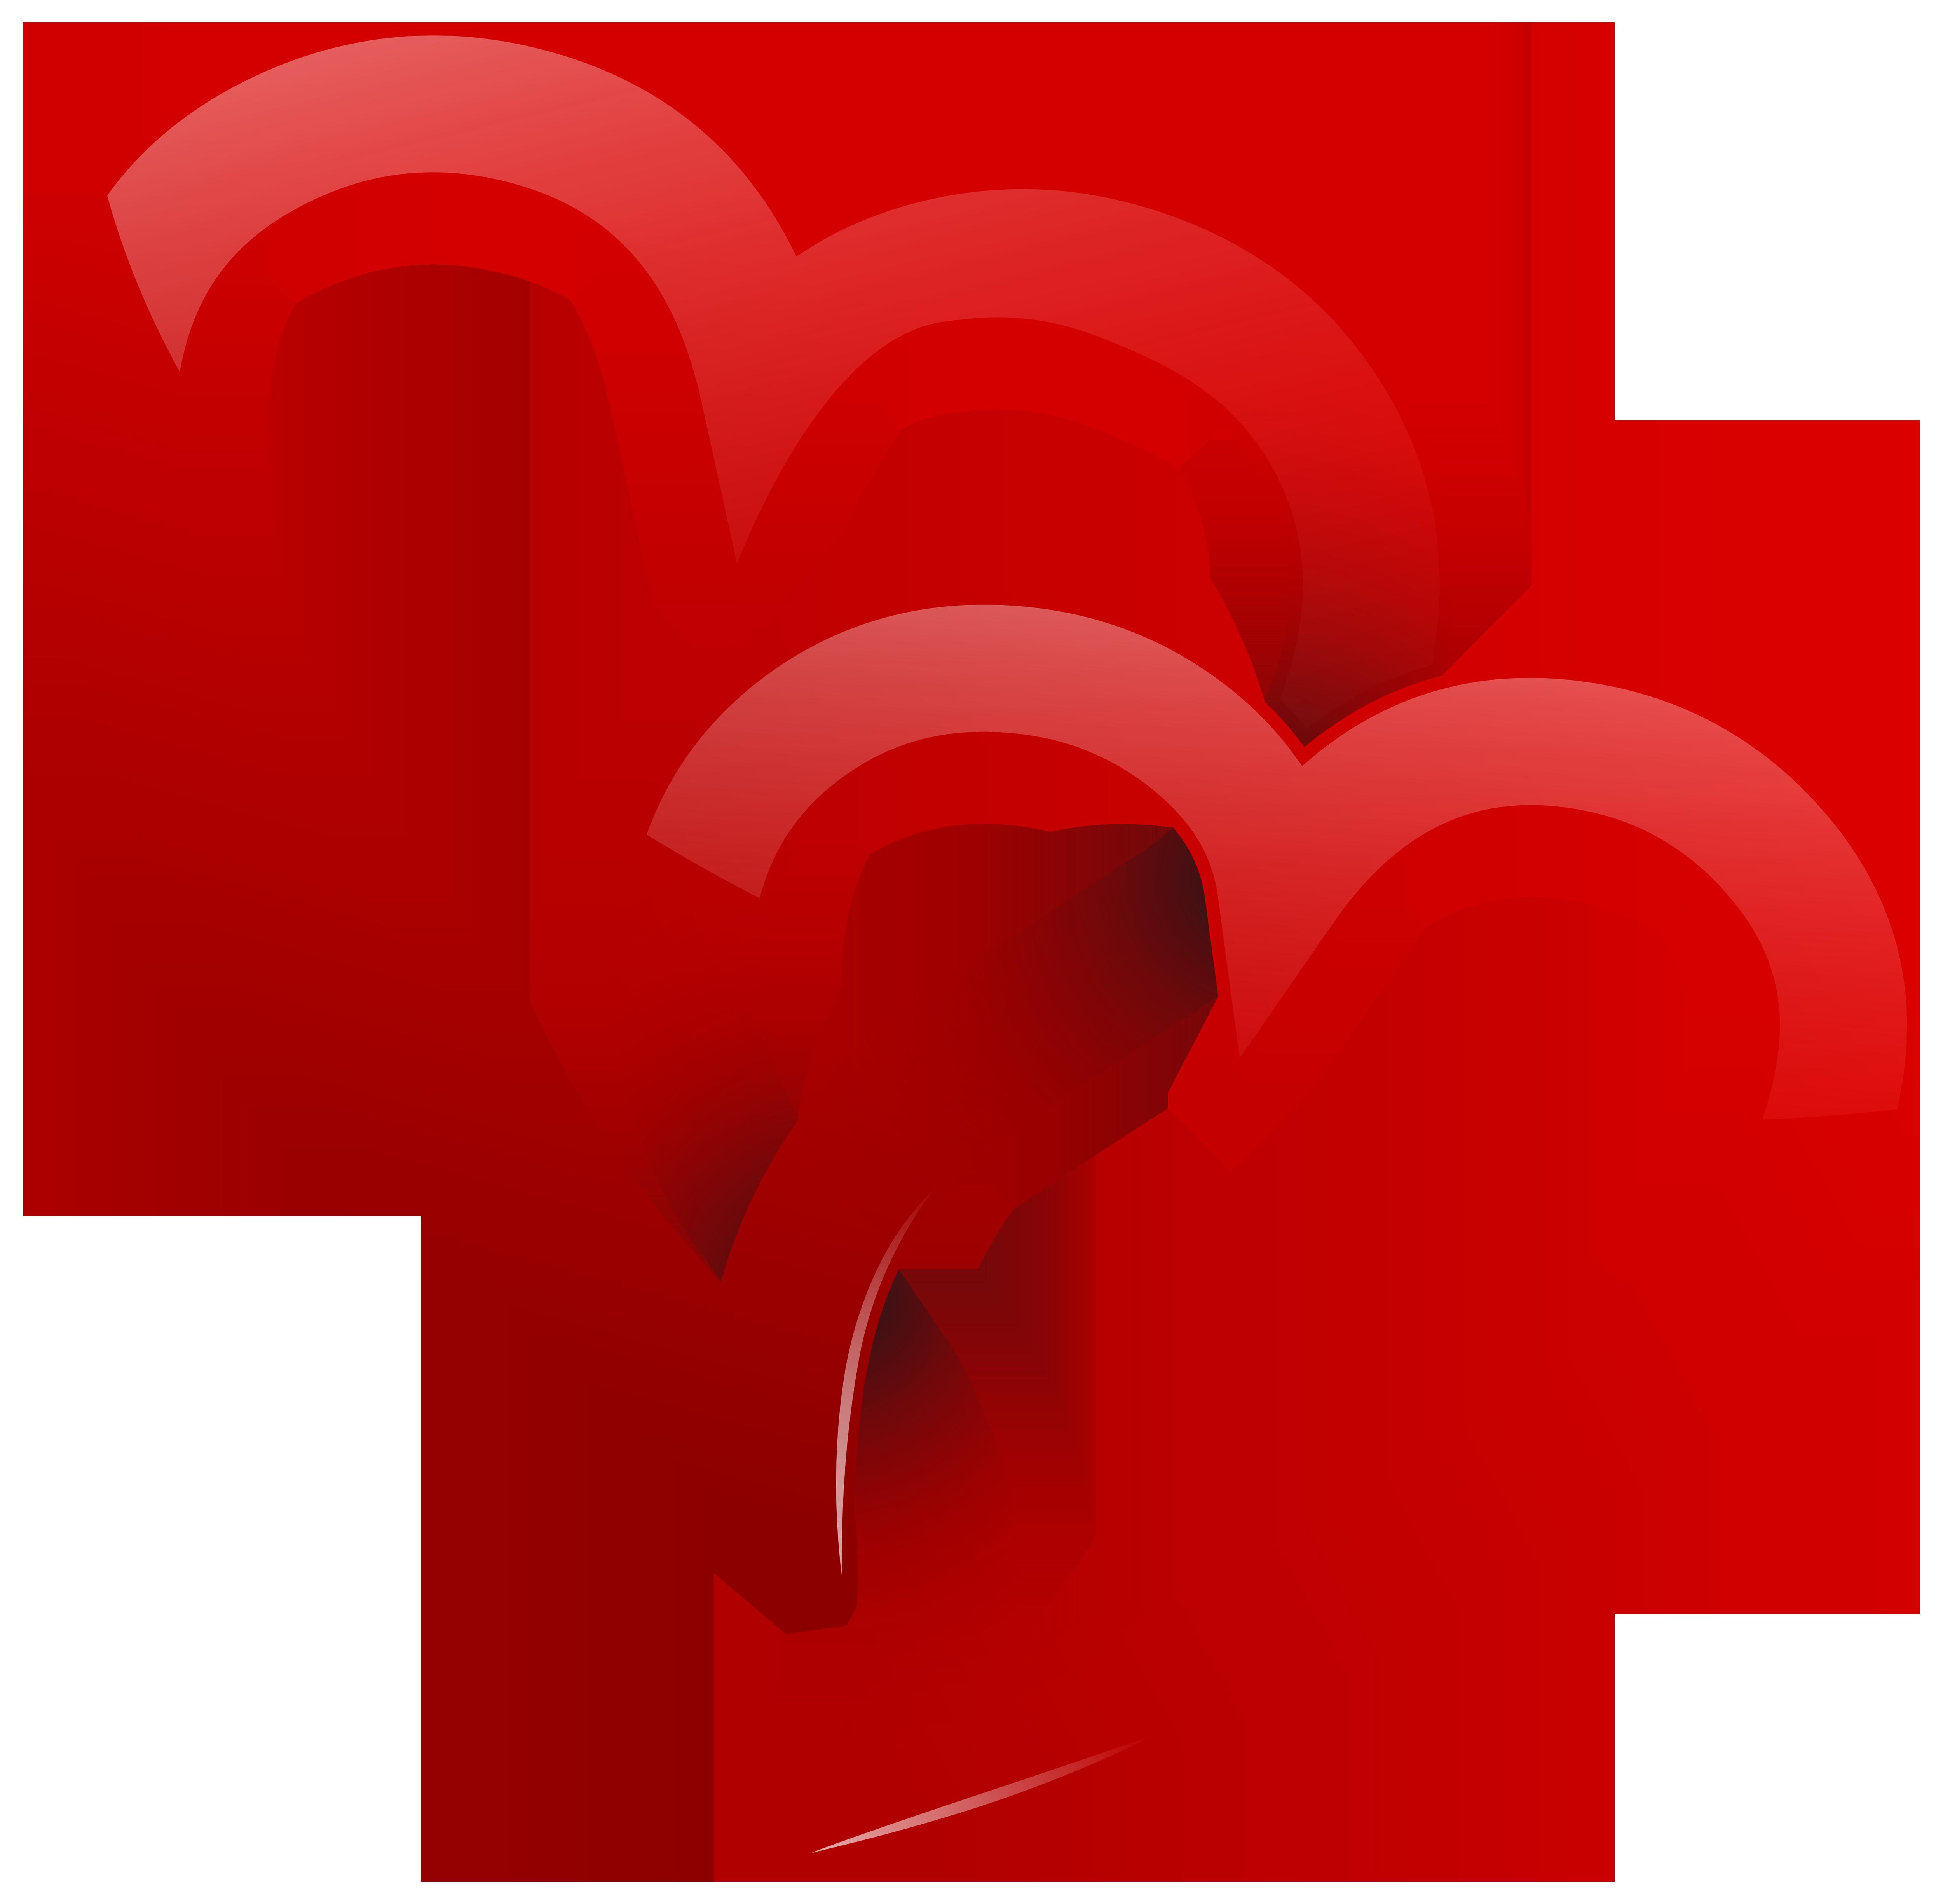 clip art double hearts free - photo #33